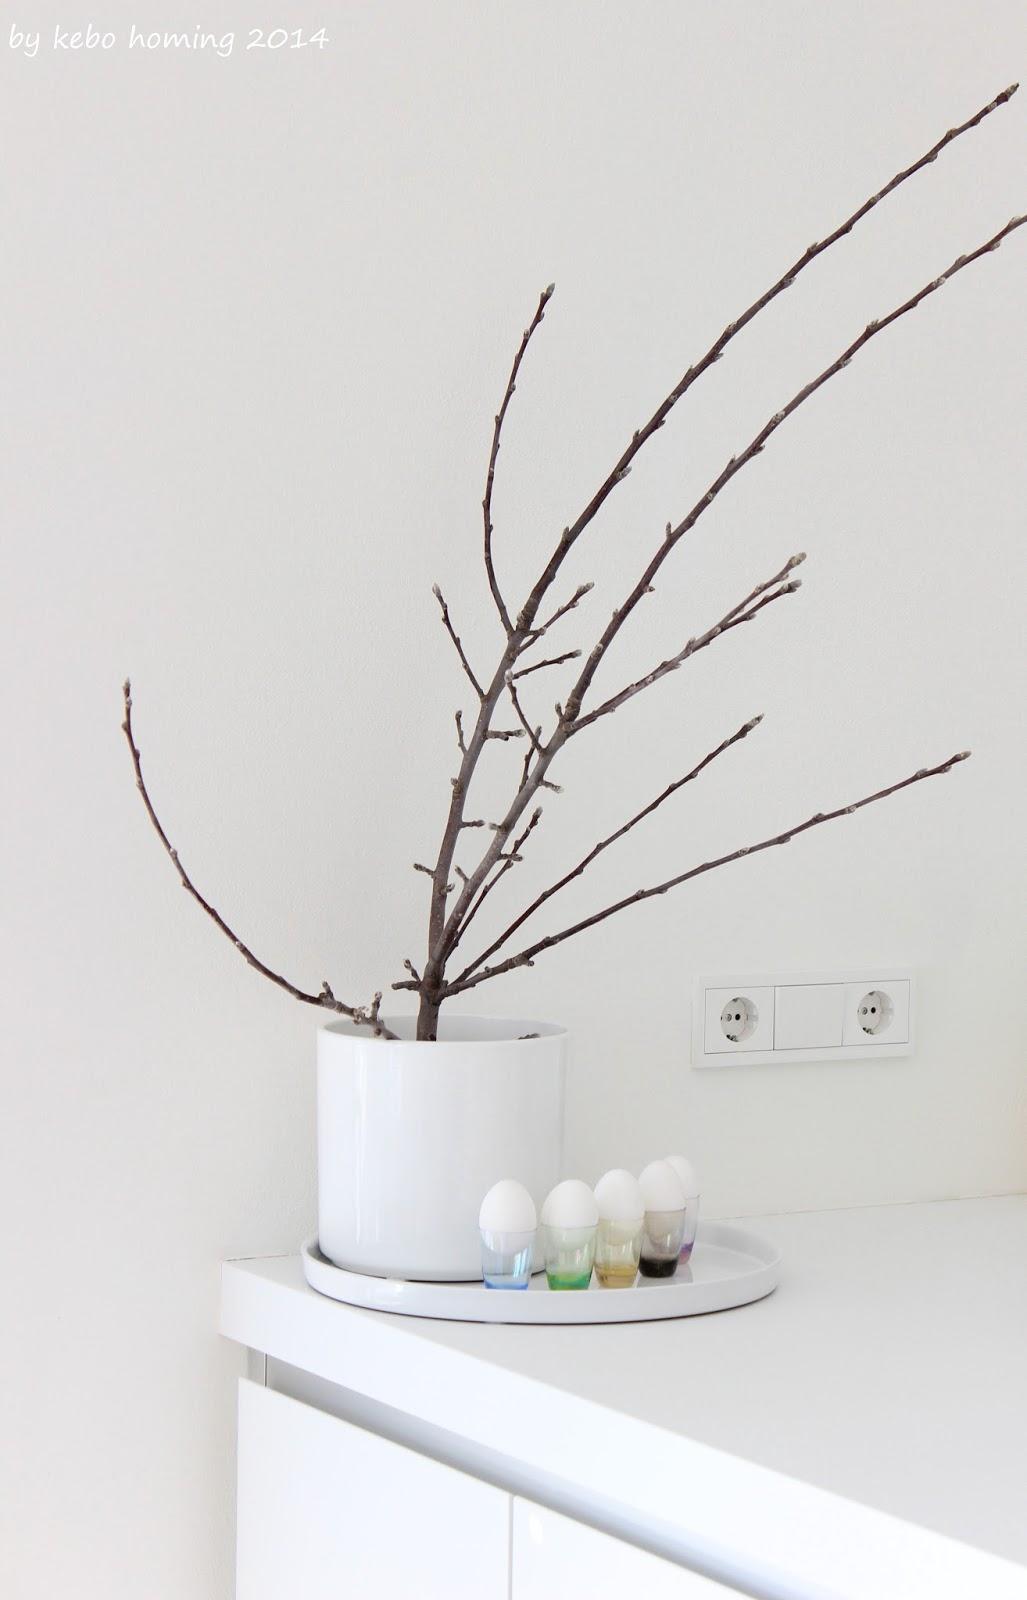 kebo homing der s dtiroler food und lifestyleblog ostervorbereitungen. Black Bedroom Furniture Sets. Home Design Ideas